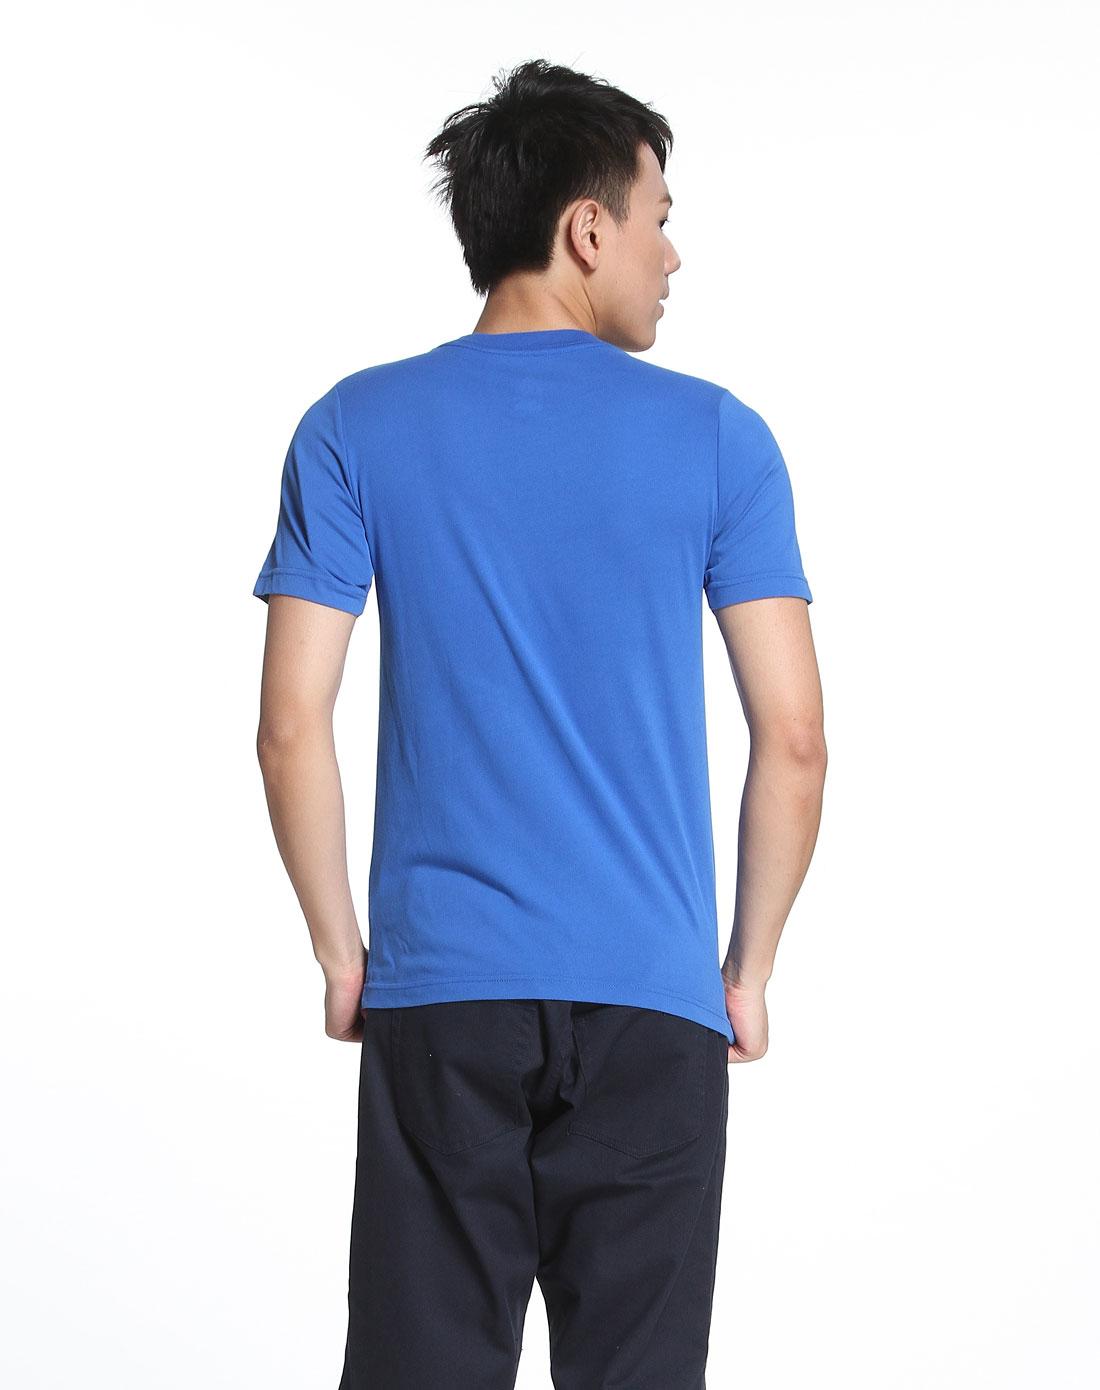 耐克nike男款时尚暗花彩蓝色短袖t恤372643-475